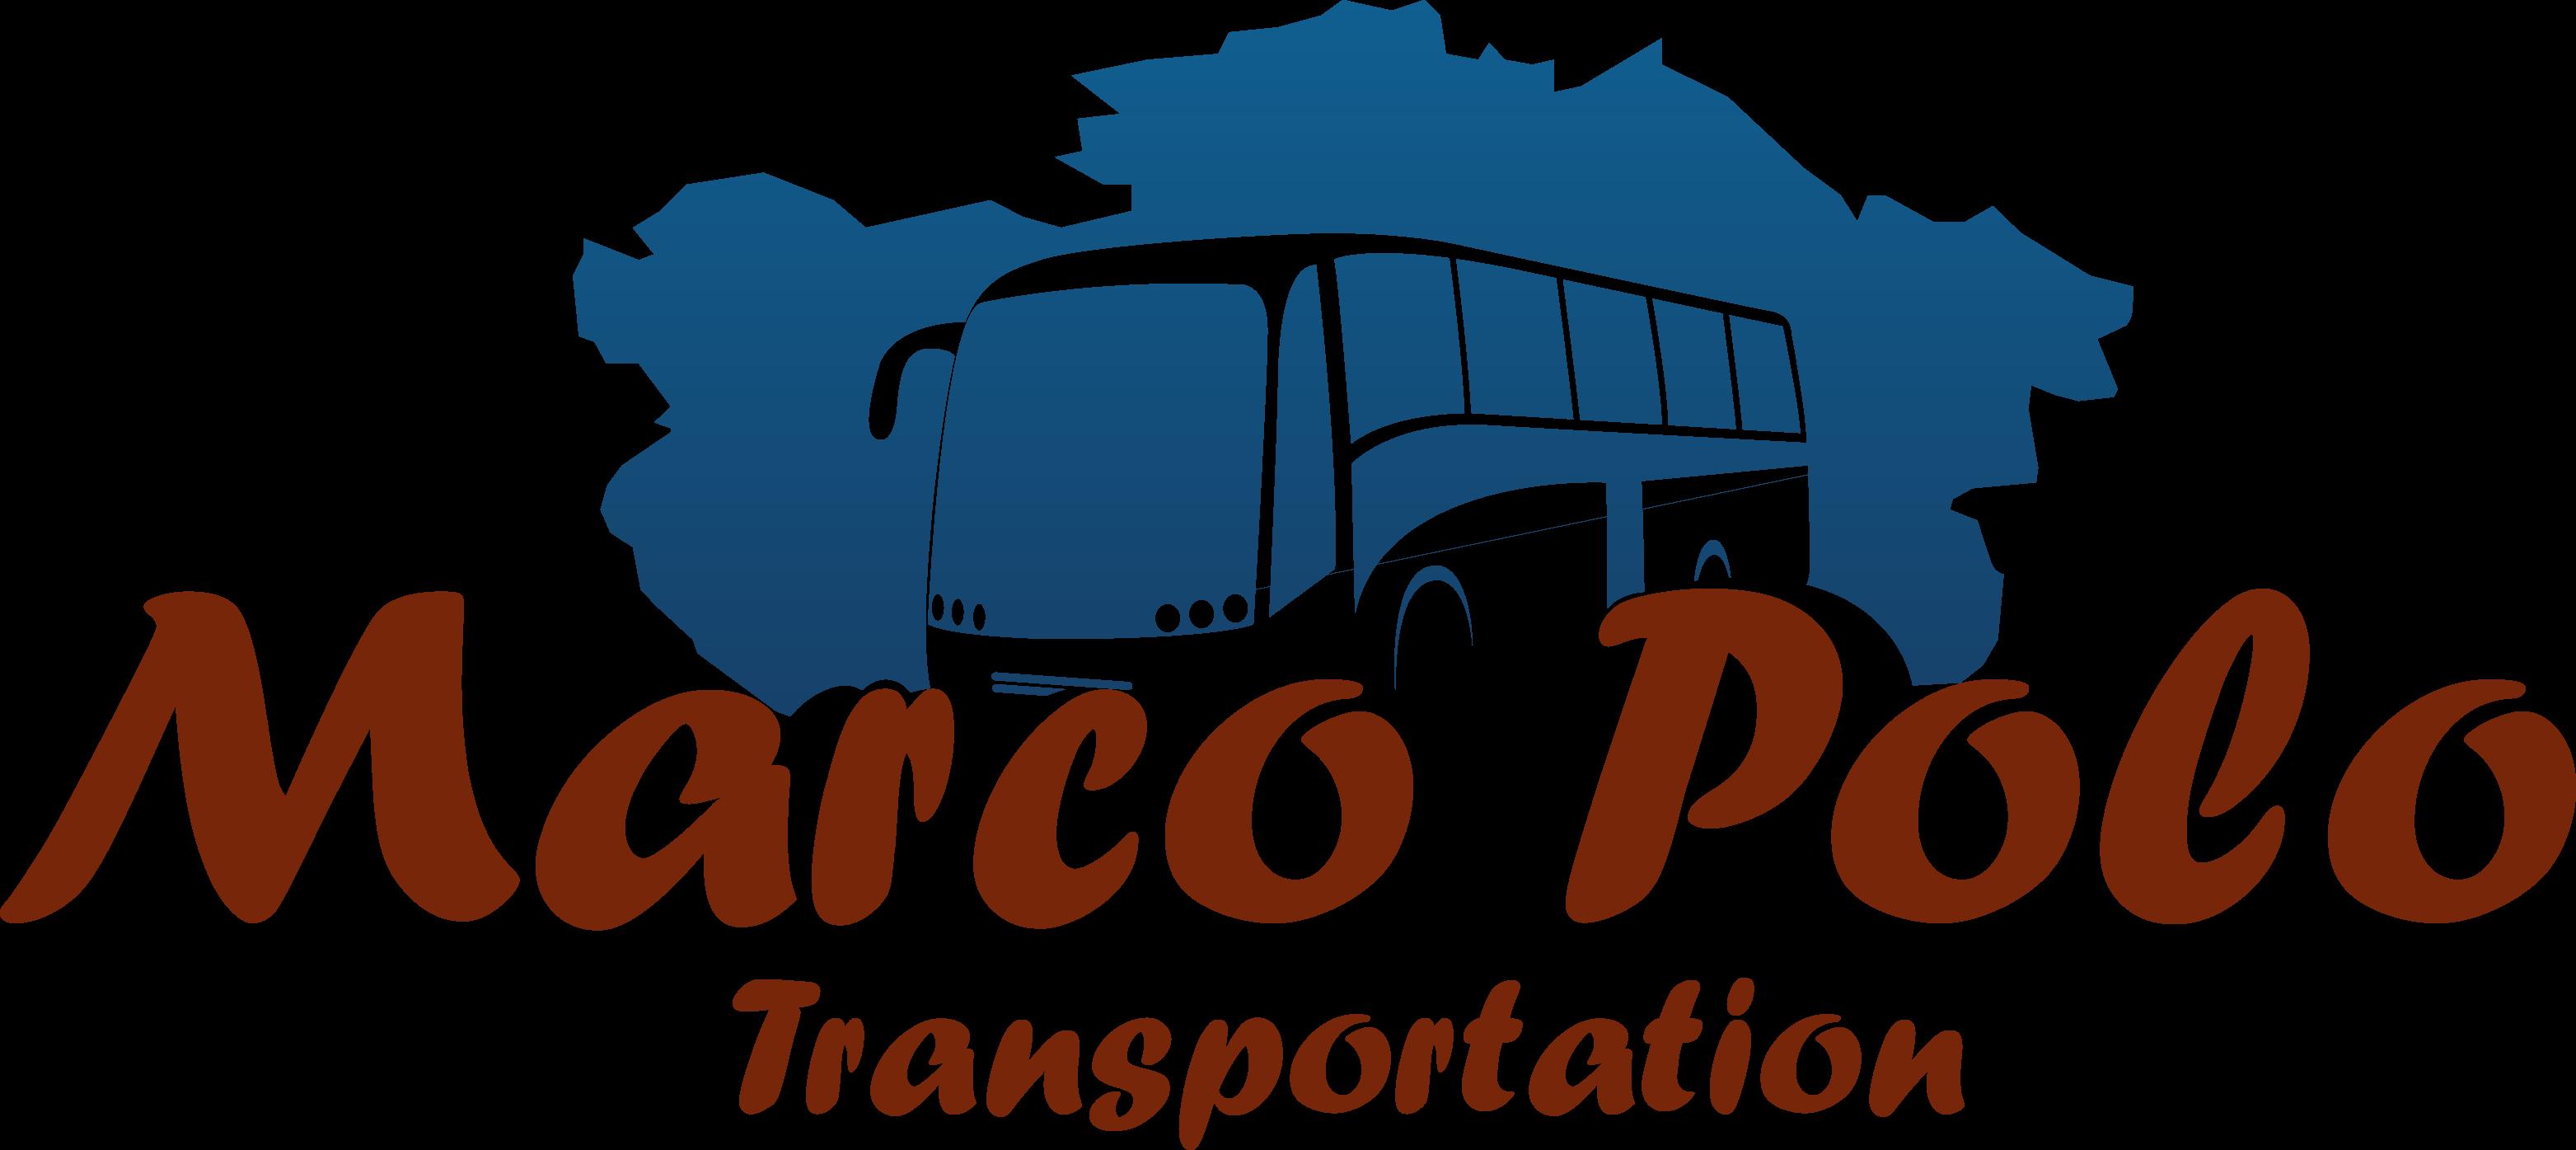 Transportation company marco polo. Palace clipart istana